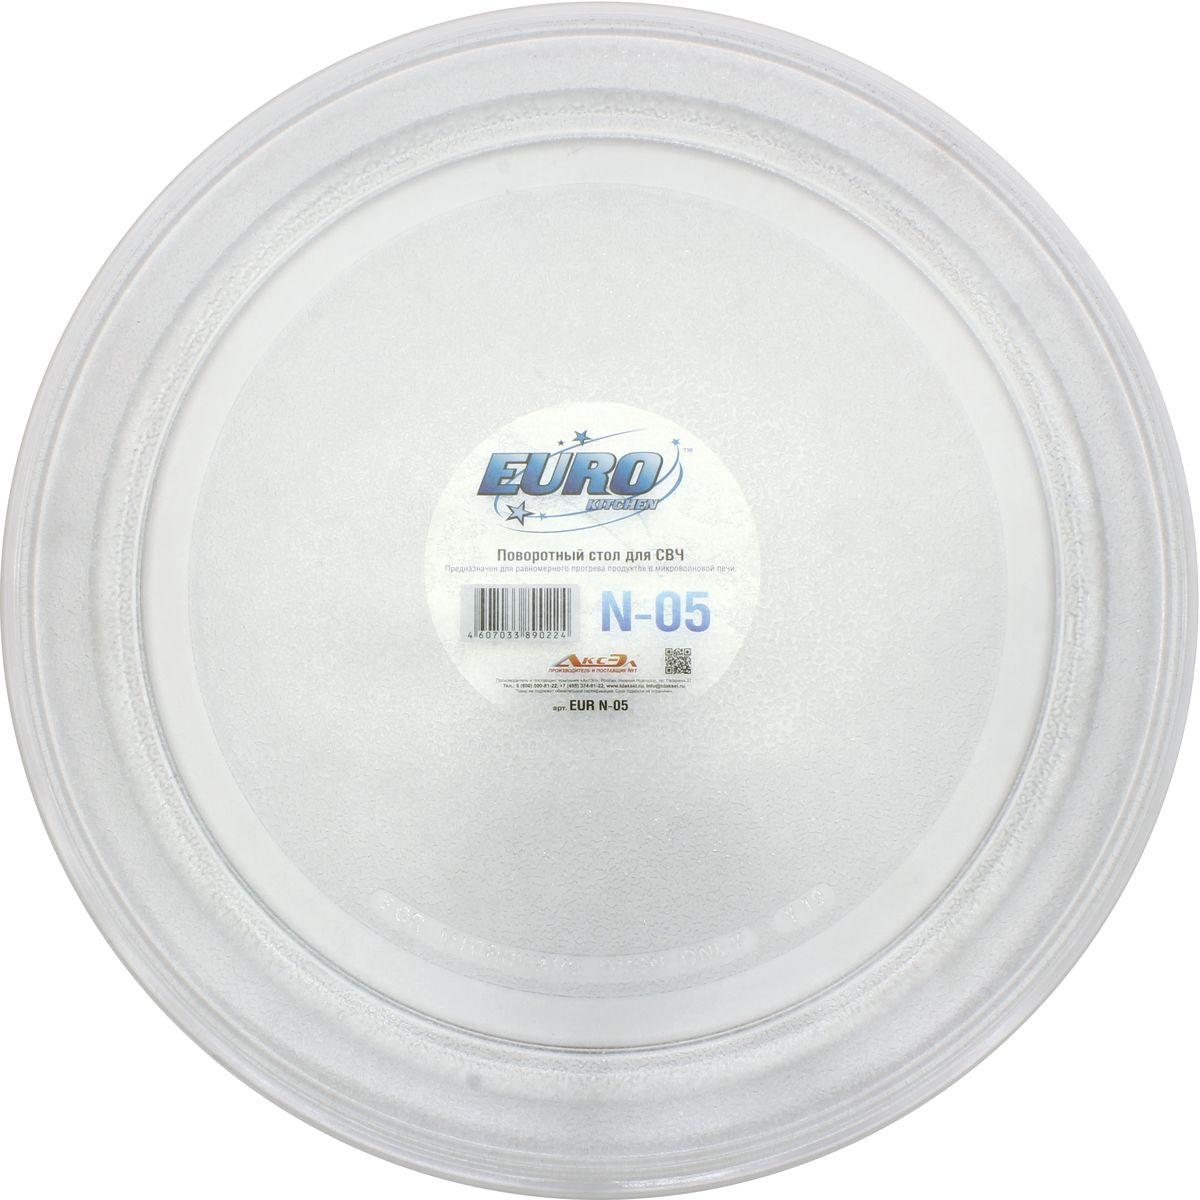 Euro Kitchen N-05 тарелка для СВЧ asko hss1053t